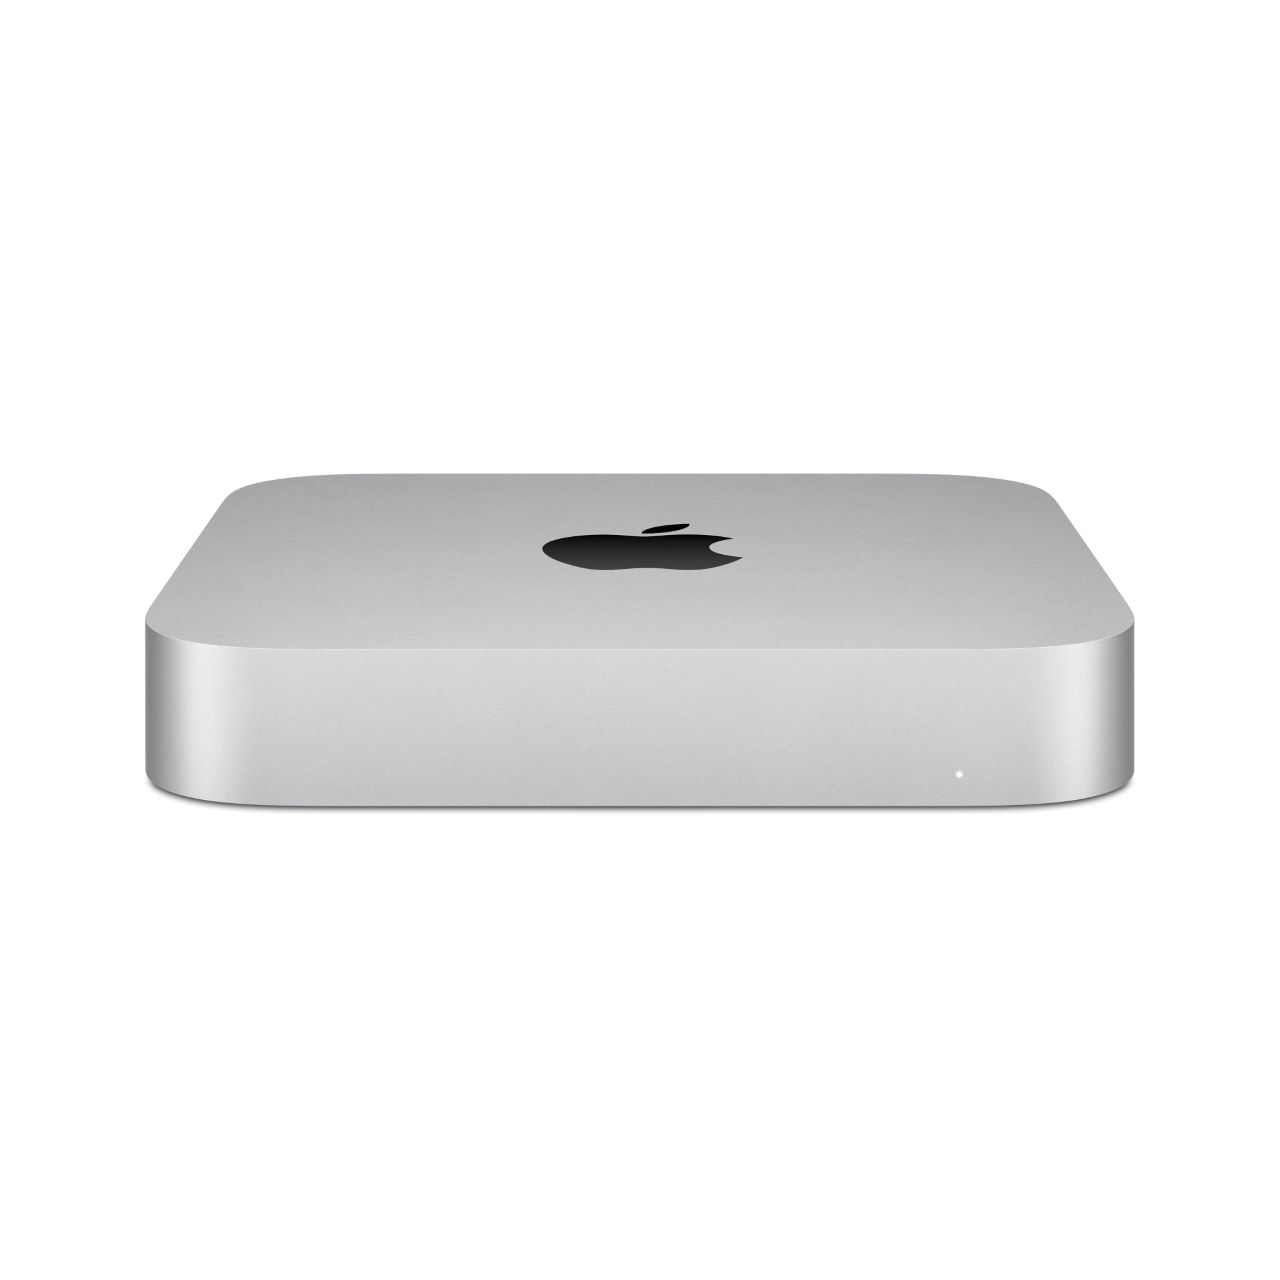 Apple Mac mini 2020 M1 Chip 16 GB 256 GB SSD